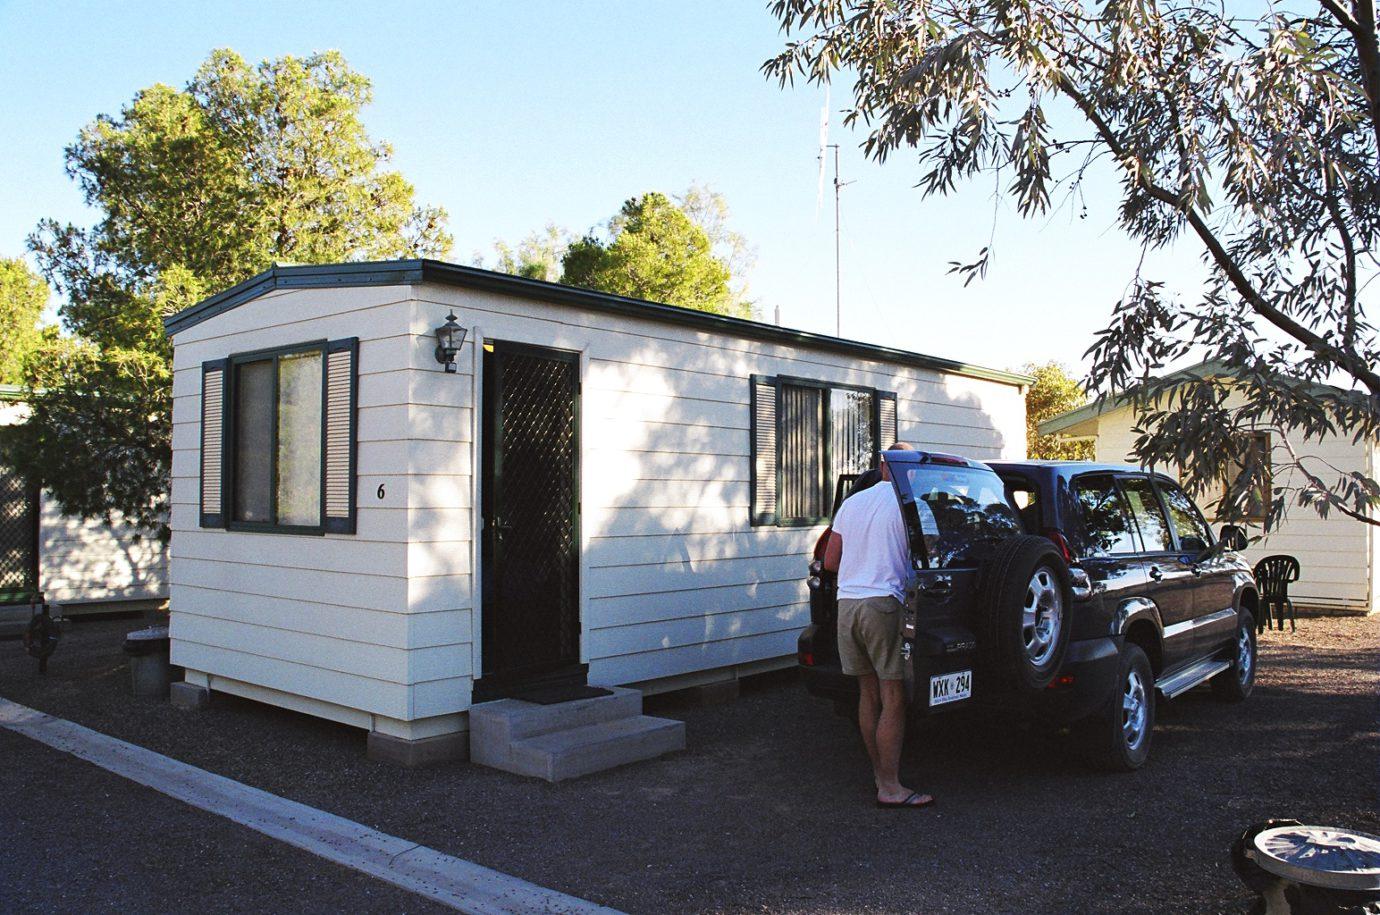 Flinders Ranges Hawker Caravan Park